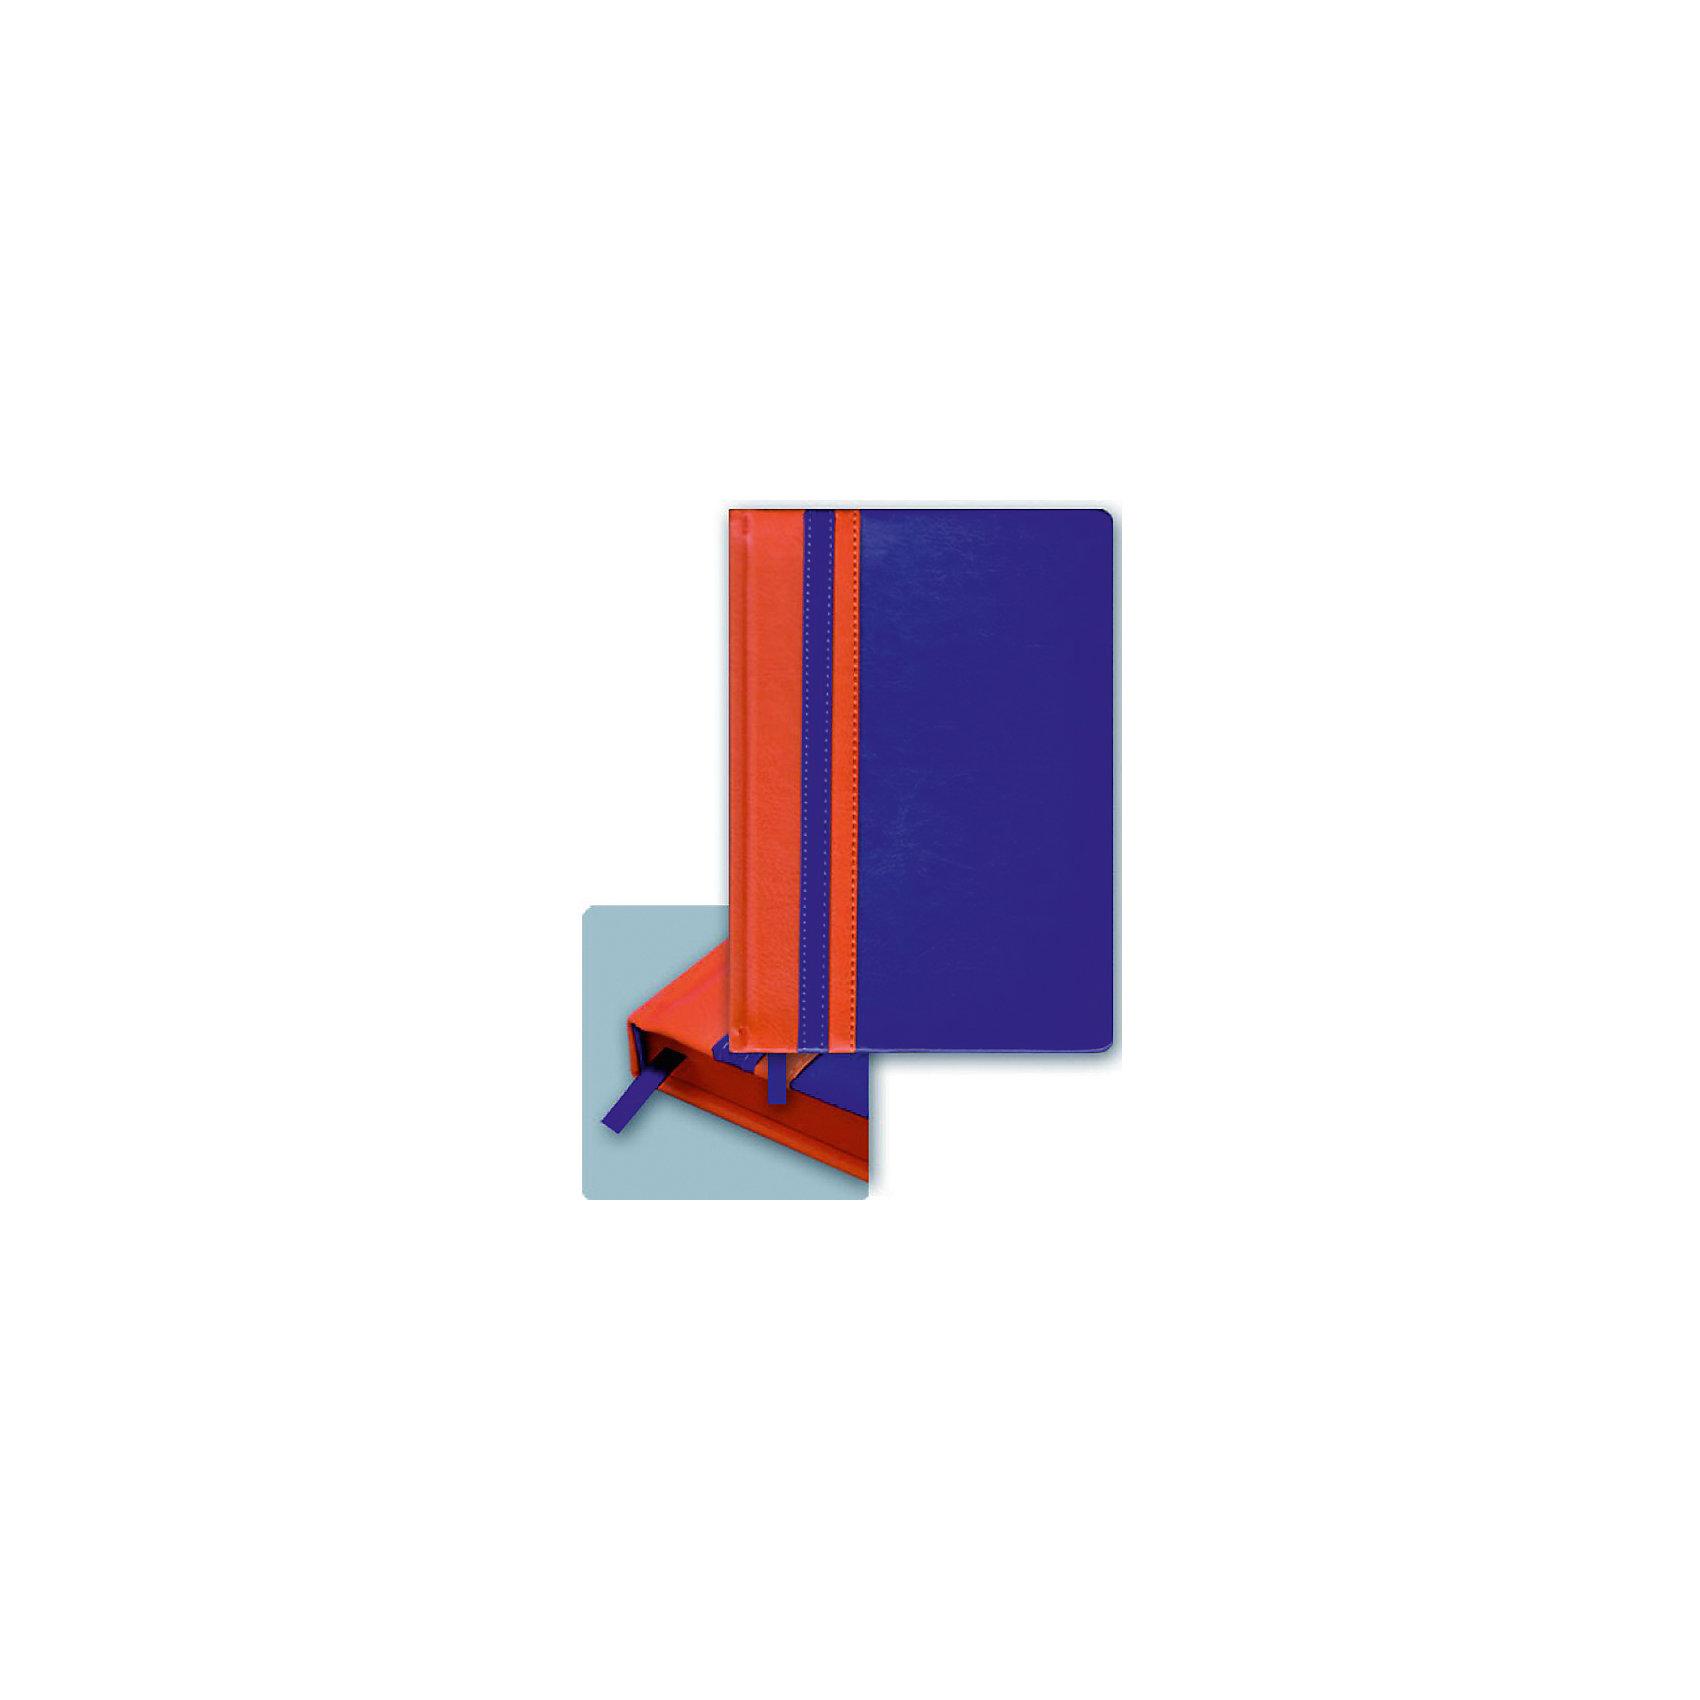 Ежедневник А5 недатированныйУниверсальный недатированный ежедневник пригодится как деловому взрослому так и ребенку.<br><br>Дополнительная информация:<br><br>- 160 листов.<br>- Формат: А5.<br>- Линовка: линия.<br>- Крепление: книжное (прошивка).<br>- Обложка: твердая.<br>- Материал: бумага, картон.<br>- Размер упаковки: 21х14,5х2 см.<br>- Вес в упаковке: 440 г.<br><br>Купить ежедневник недатированный А5, можно в нашем магазине.<br><br>Ширина мм: 210<br>Глубина мм: 145<br>Высота мм: 20<br>Вес г: 440<br>Возраст от месяцев: -2147483648<br>Возраст до месяцев: 2147483647<br>Пол: Унисекс<br>Возраст: Детский<br>SKU: 4943468